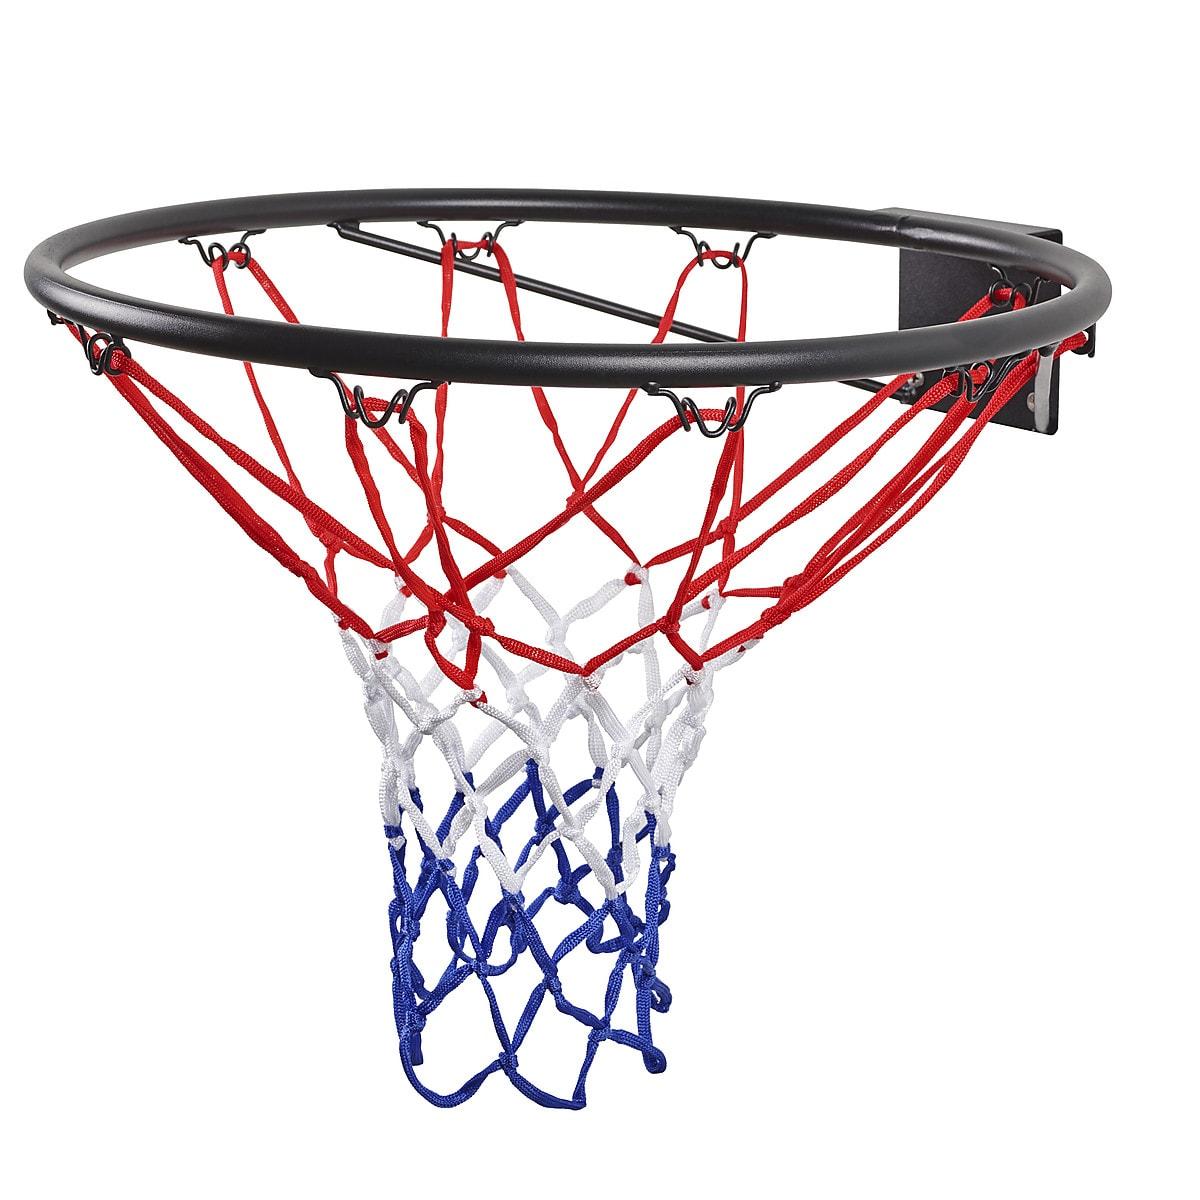 Basketballkurv med nett